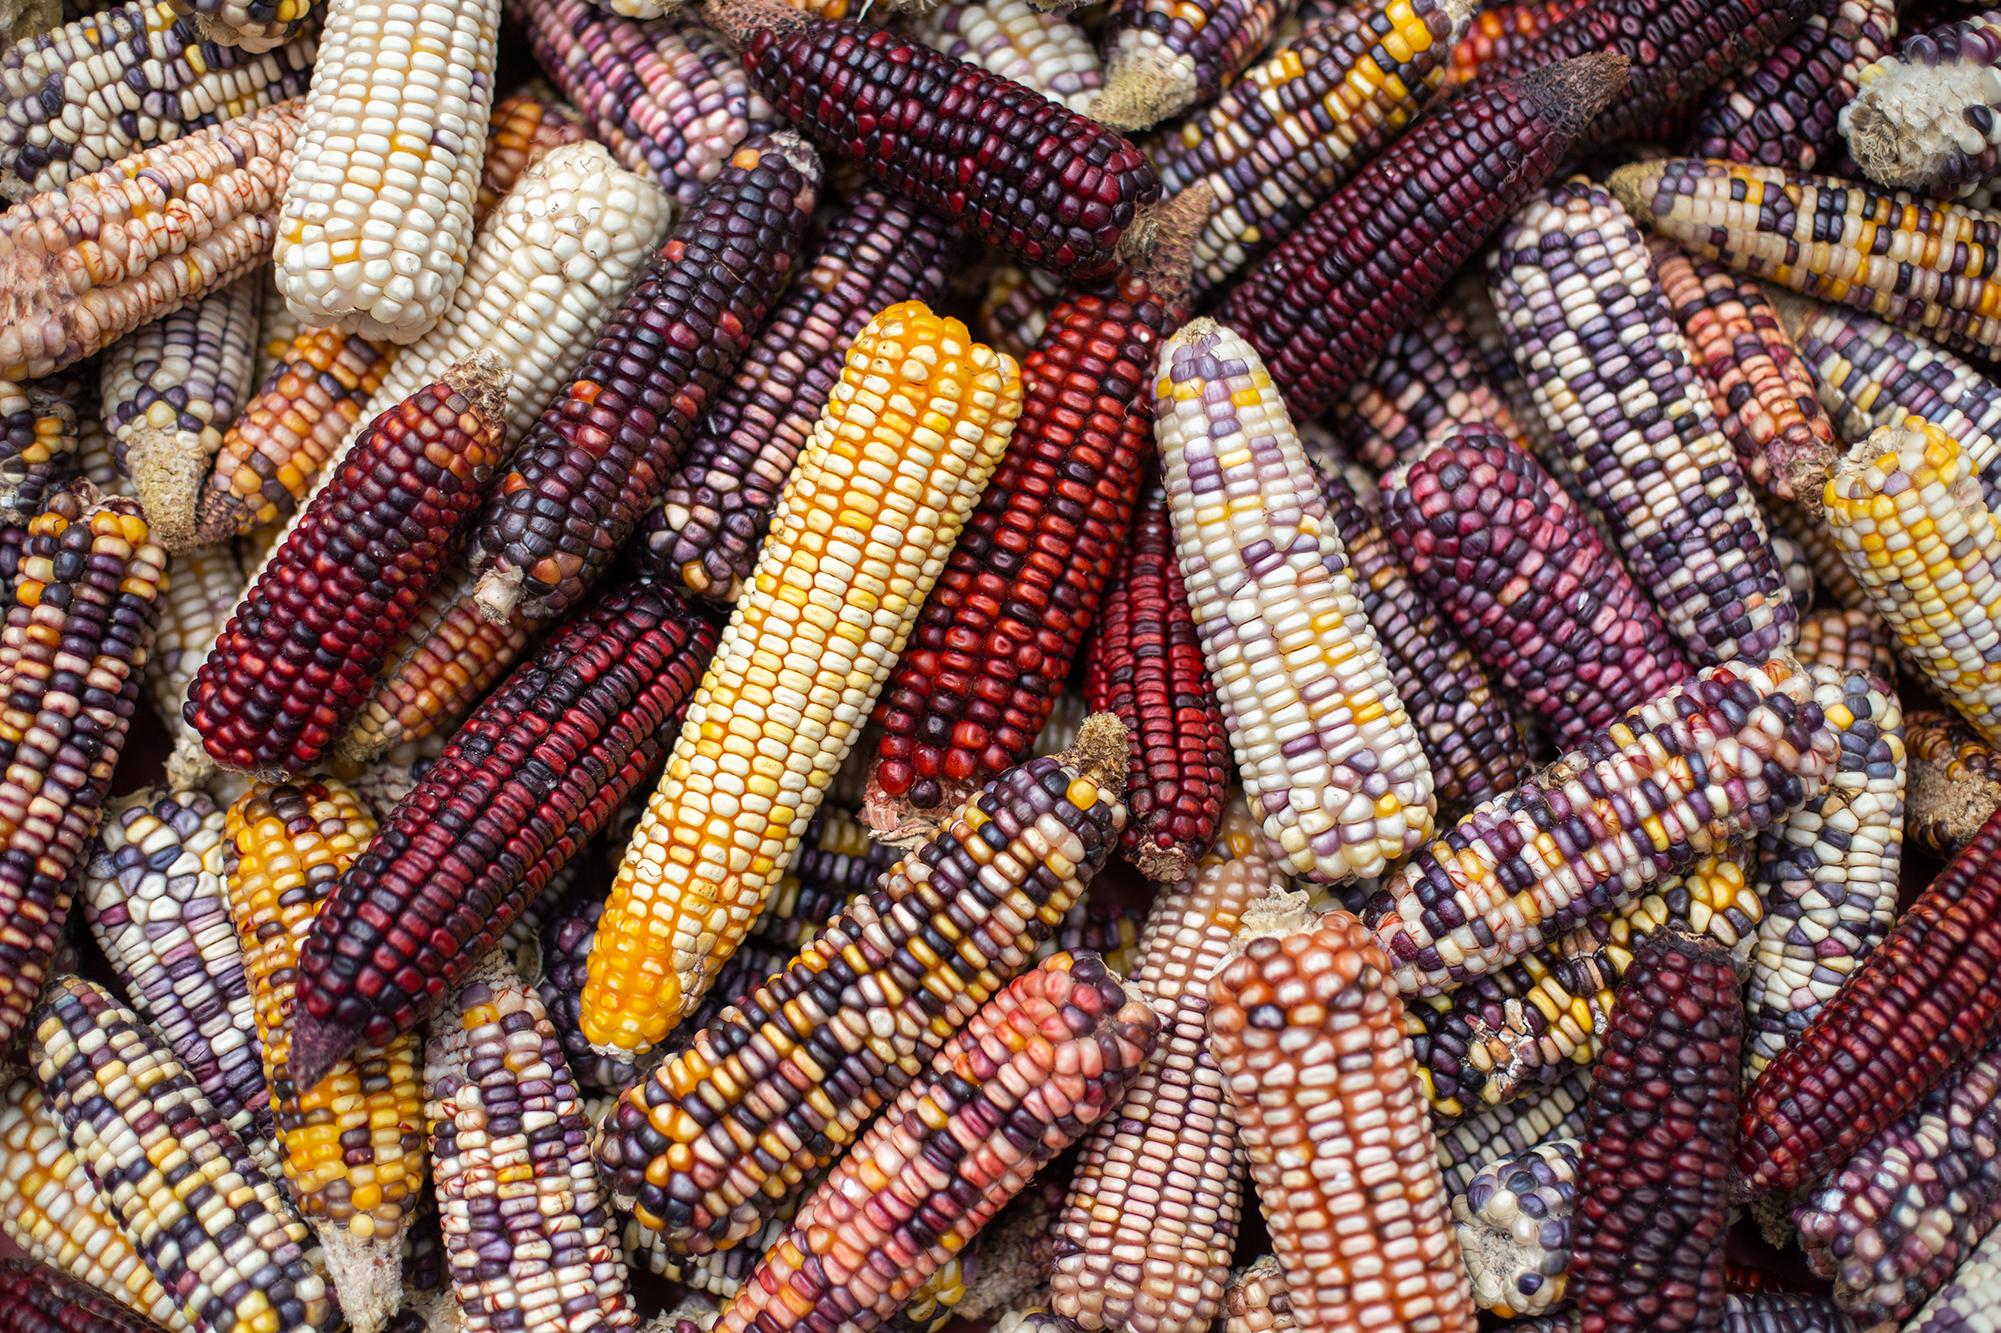 Maíz criollo cosechado en Santa Elena, departamento de La Paz. Esta variedad de maíz —muchas veces llamado «maíz de colores»— cada vez es más escaso por el avance de los productos transgénicos o las semillas mejoradas. San Elena, La Paz, 21 de octubre de 2020. Foto: Martín Cálix.